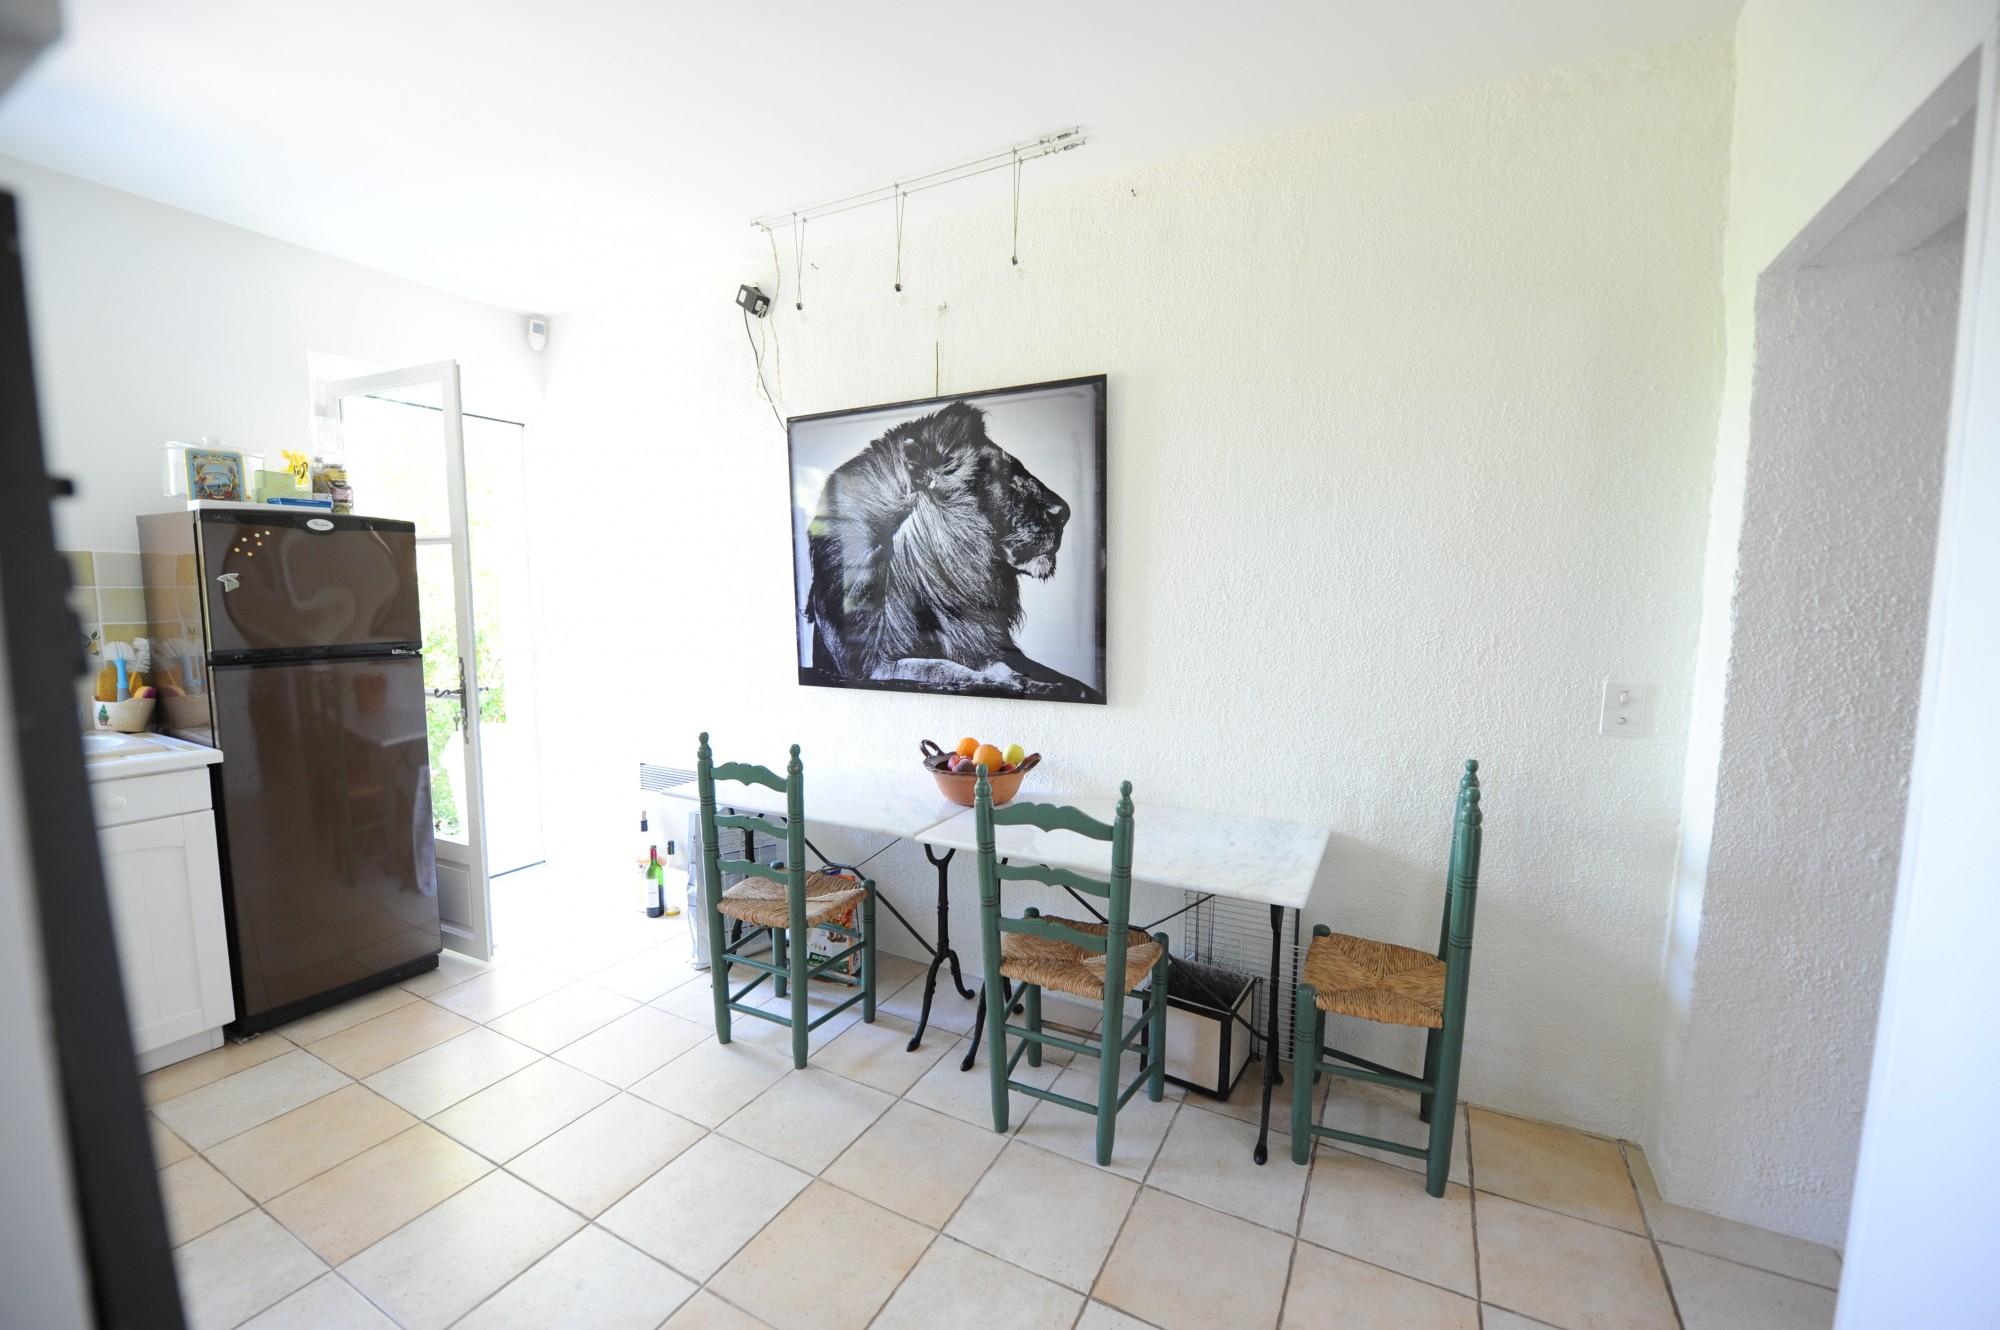 A vendre,  en Luberon,  villa de plain pied très confortable,  avec piscine